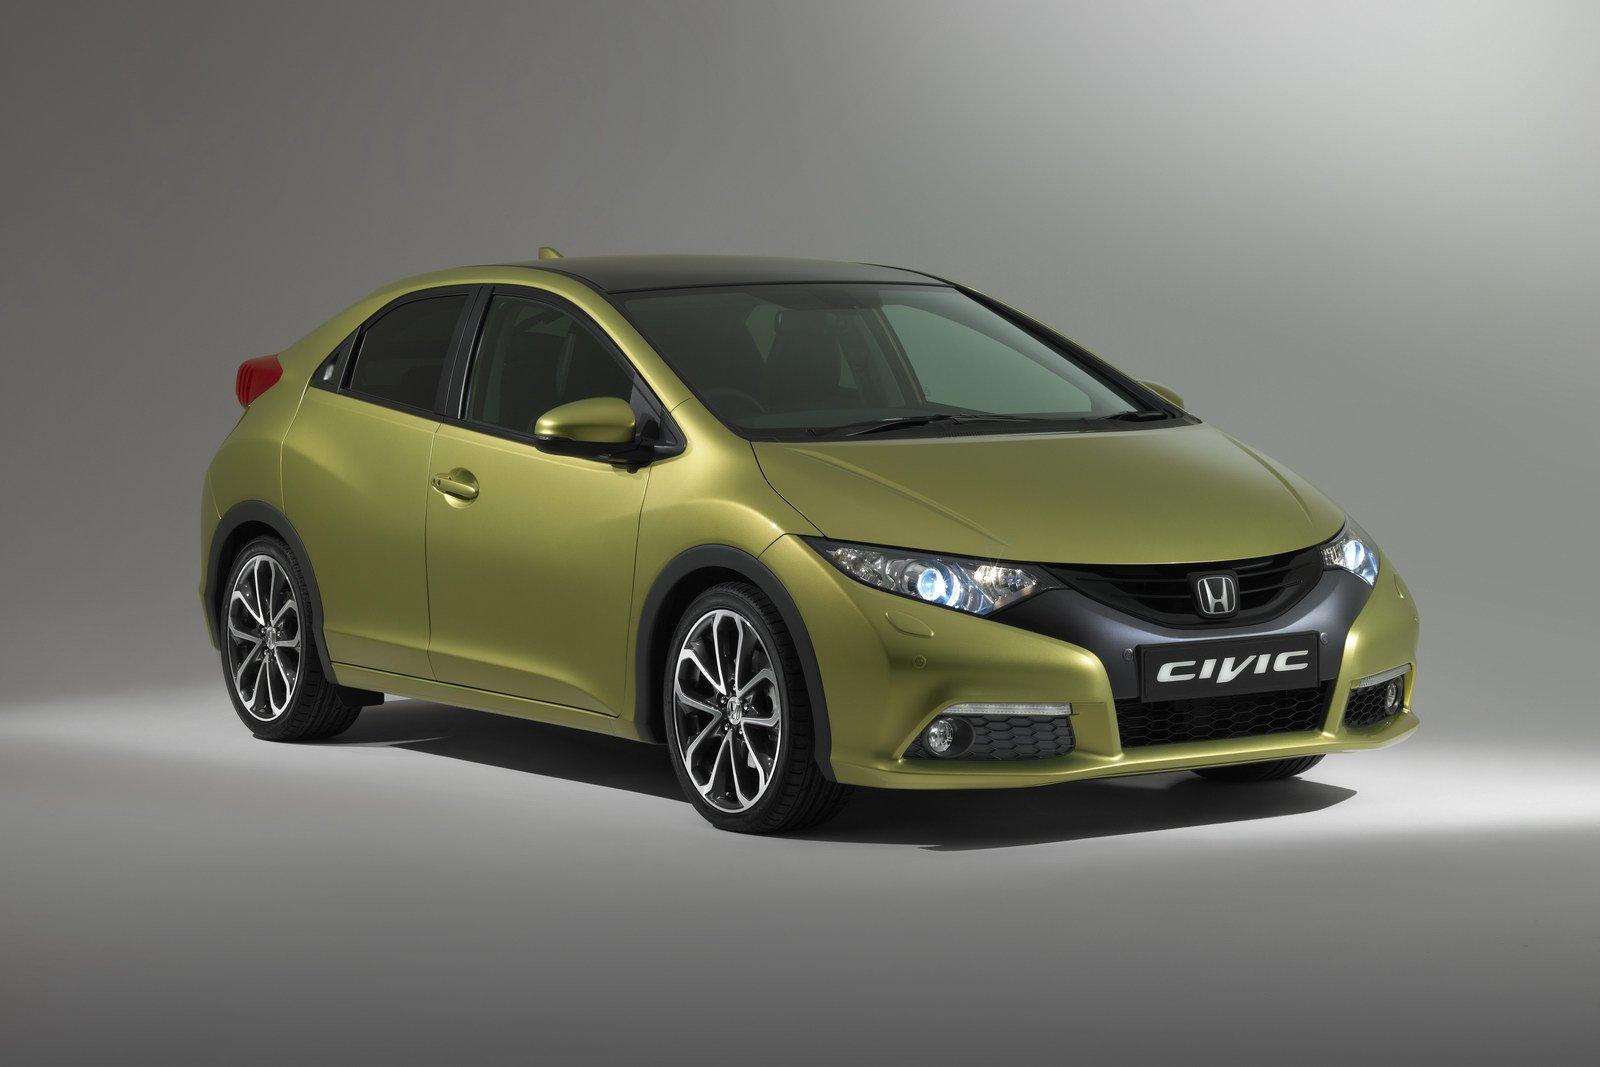 Honda Civic - не похожа на другие автомобили, в том числе своим характером